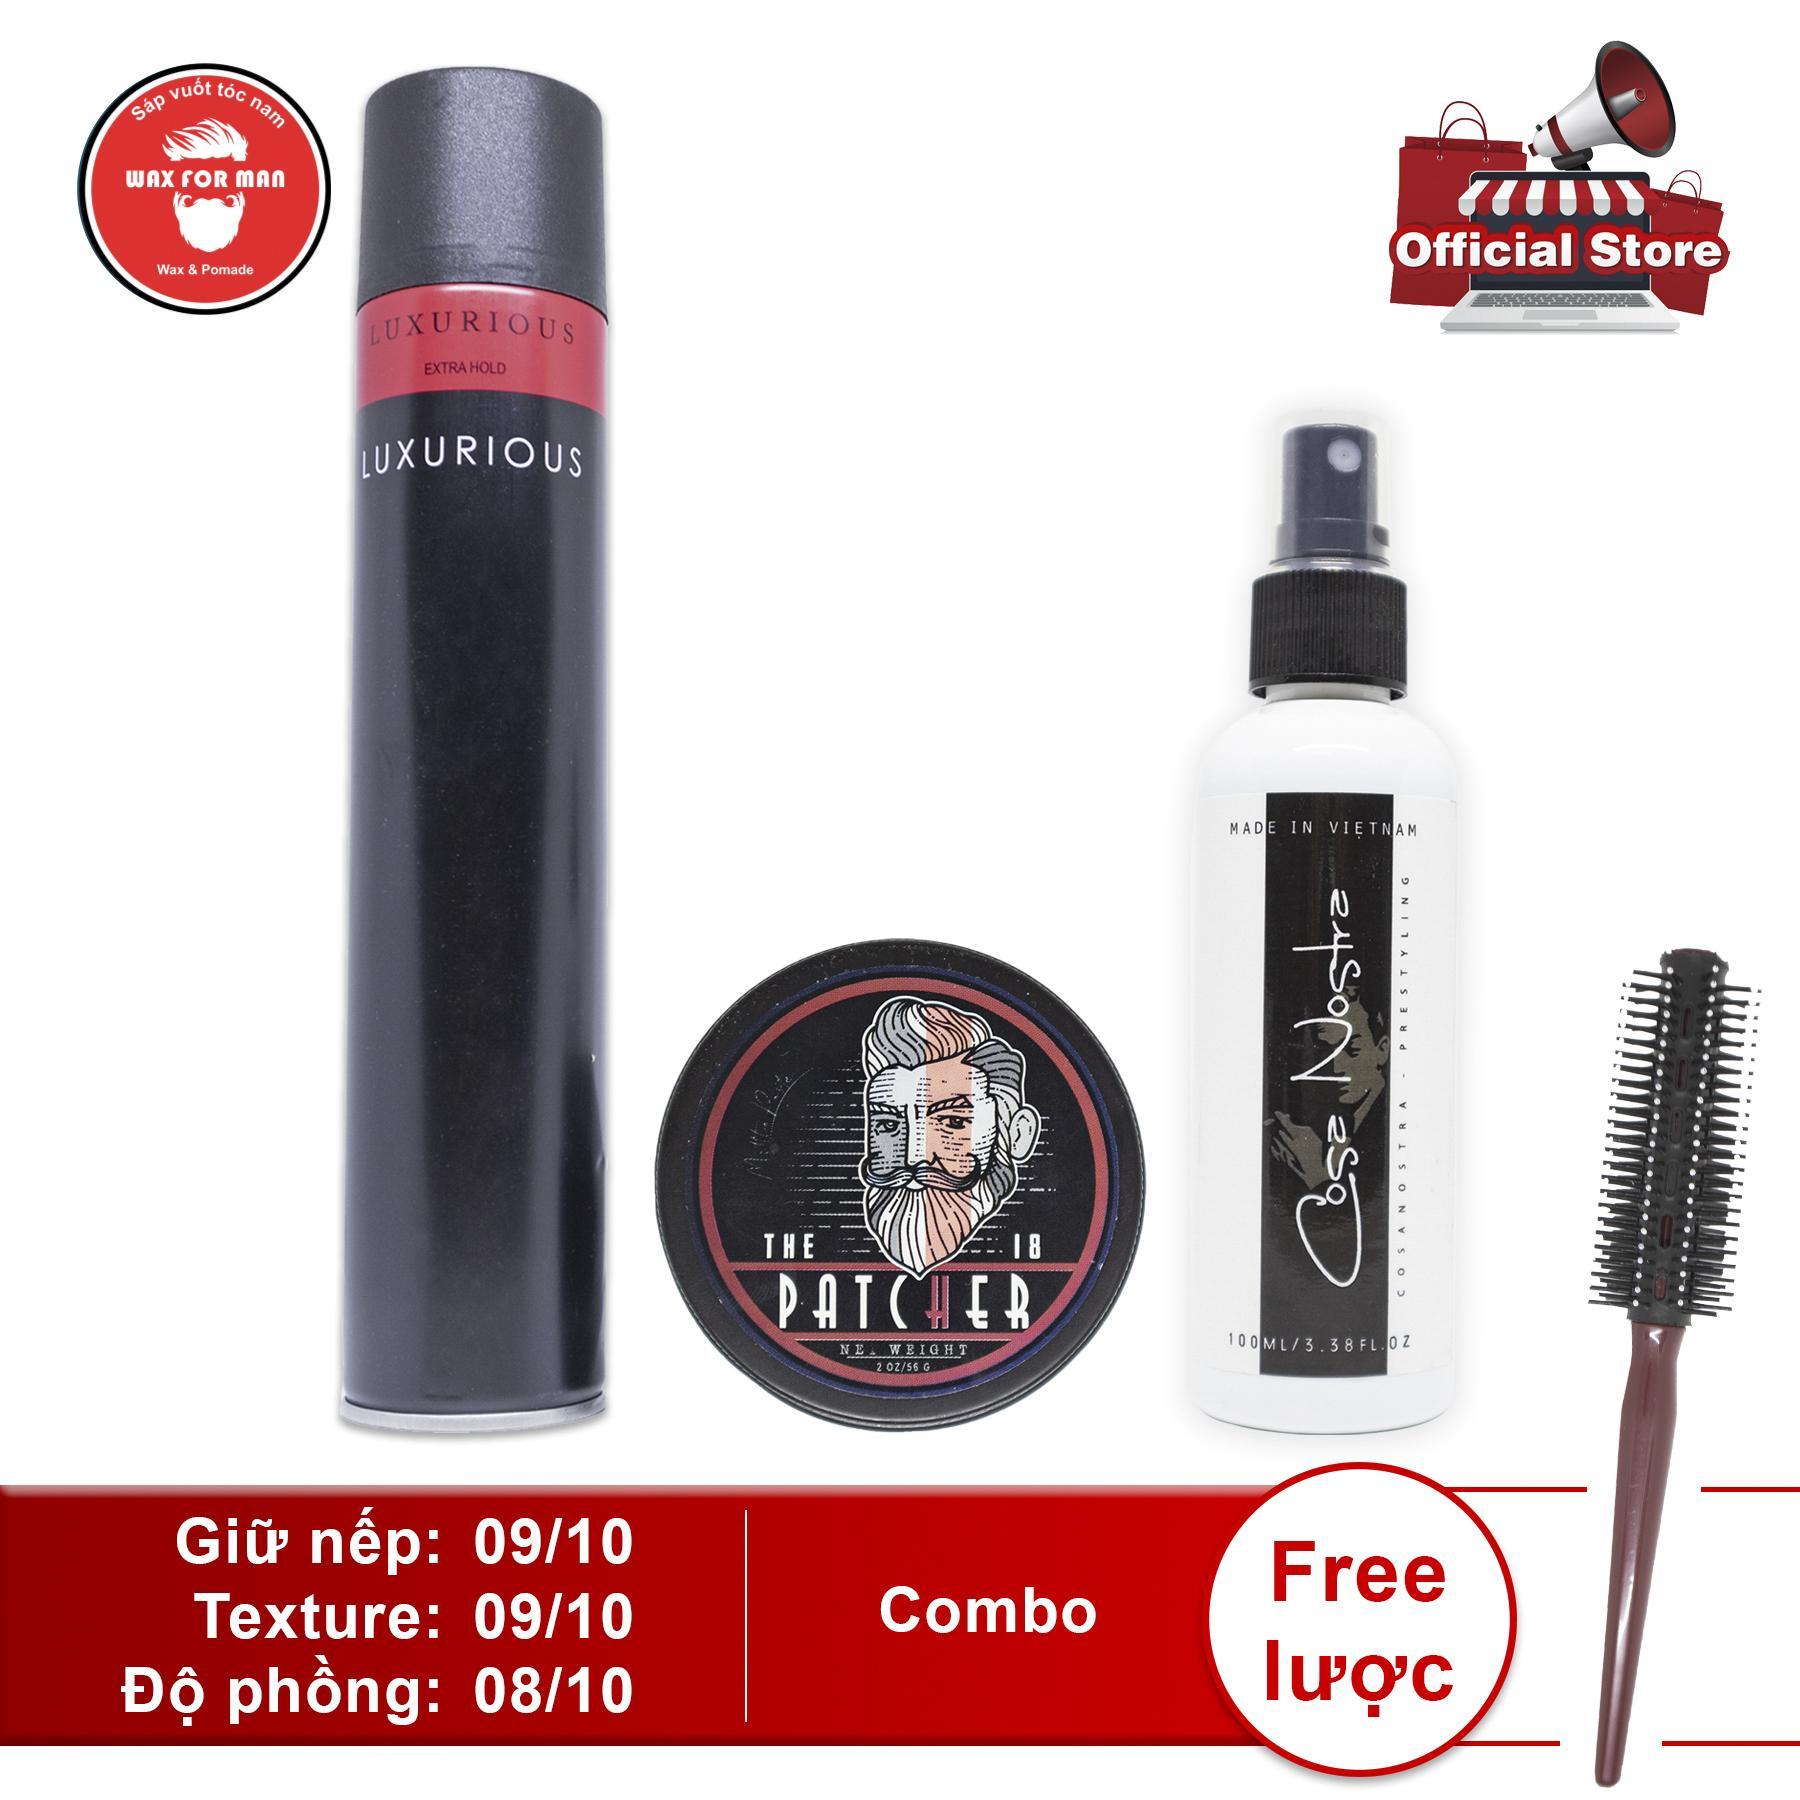 Sáp vuốt tóc The Patcher + pre-styling + gôm Luxurious (400ml) hoặc Silhouette (350ml) nhập khẩu